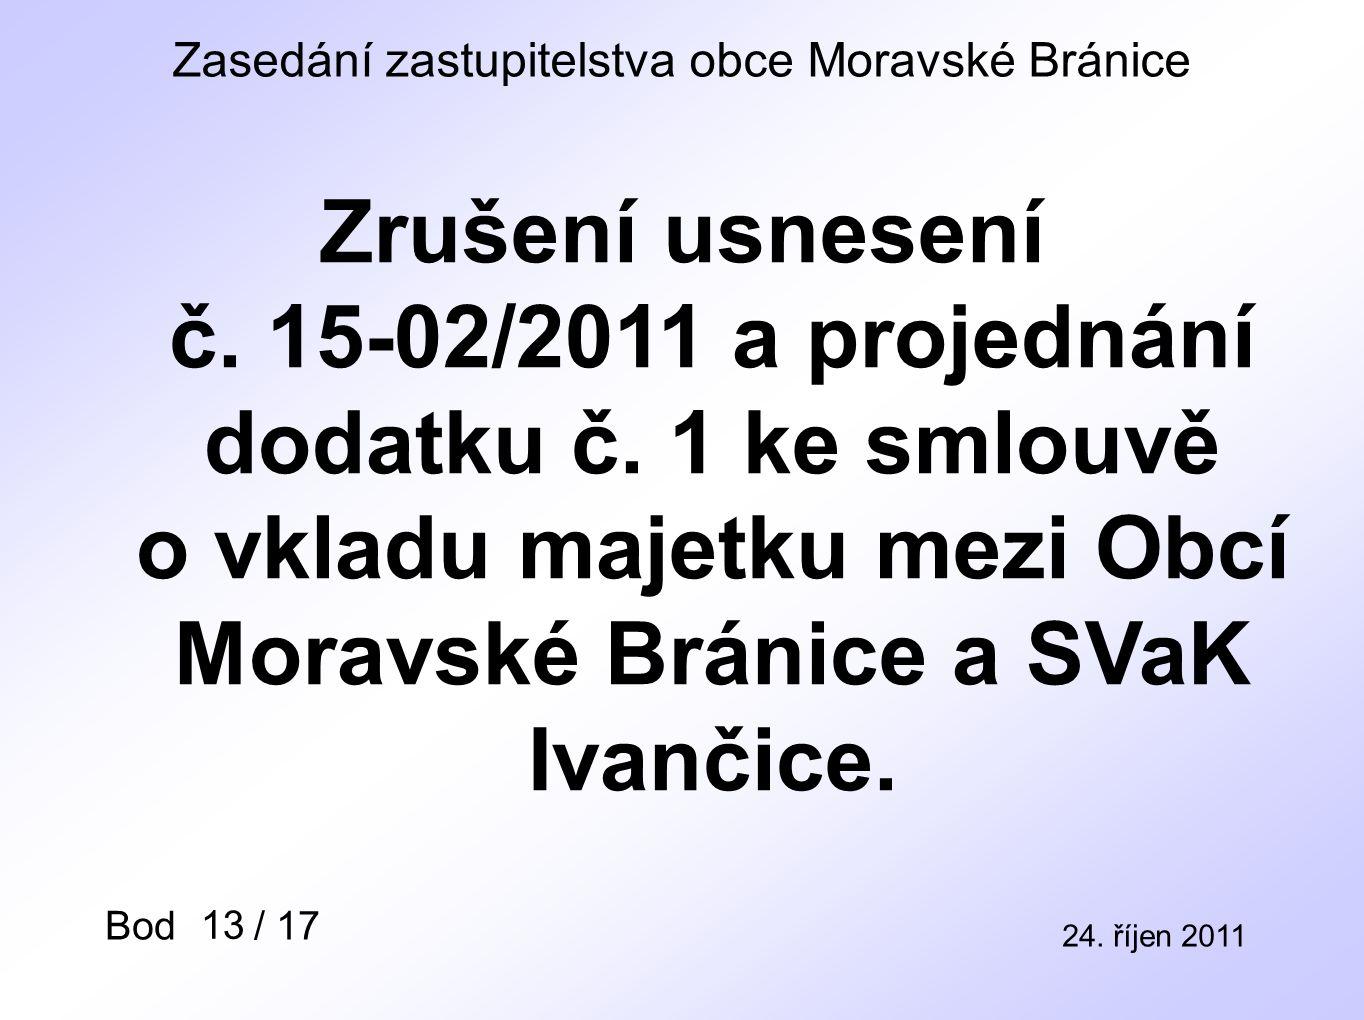 Zasedání zastupitelstva obce Moravské Bránice 24. říjen 2011 Bod / 17 Zrušení usnesení č.